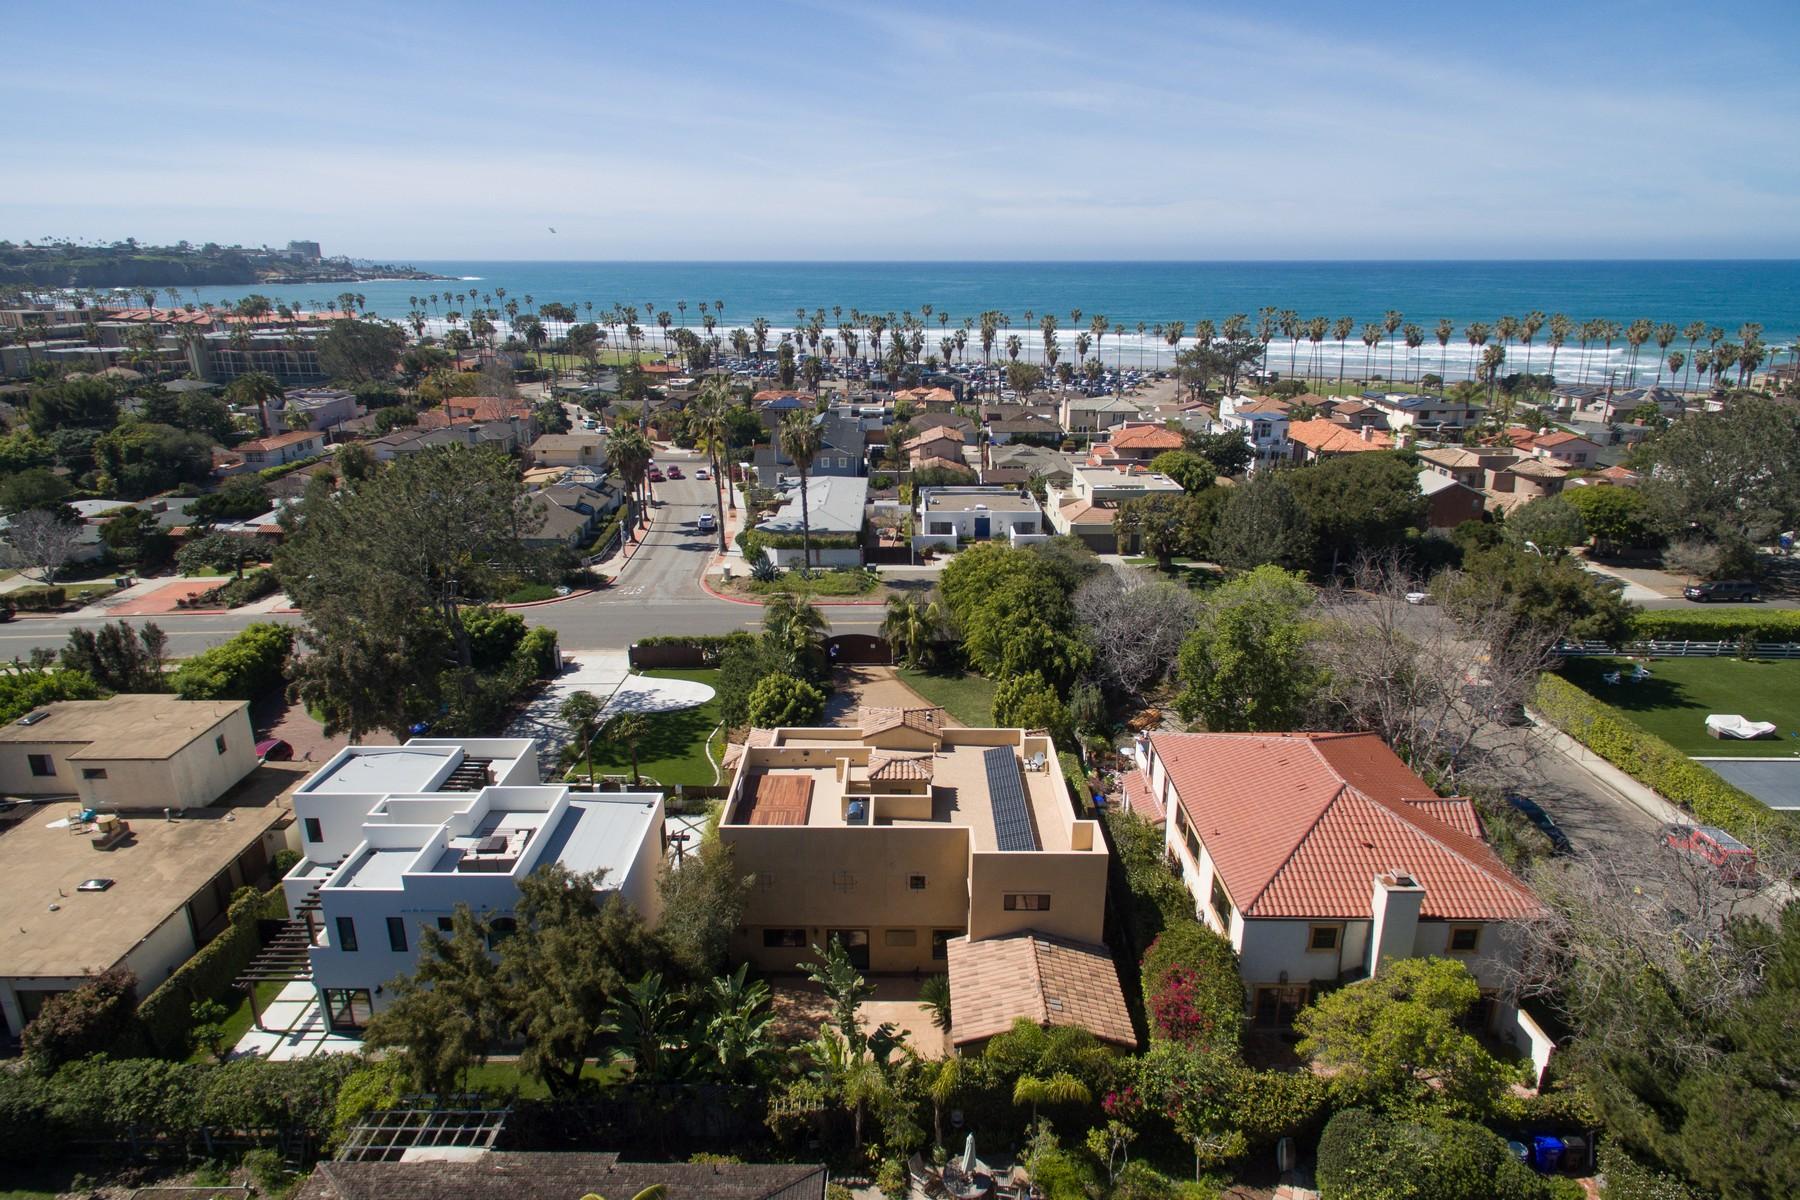 独户住宅 为 销售 在 8327 La Jolla Shores Drive 拉荷亚, 加利福尼亚州 92037 美国